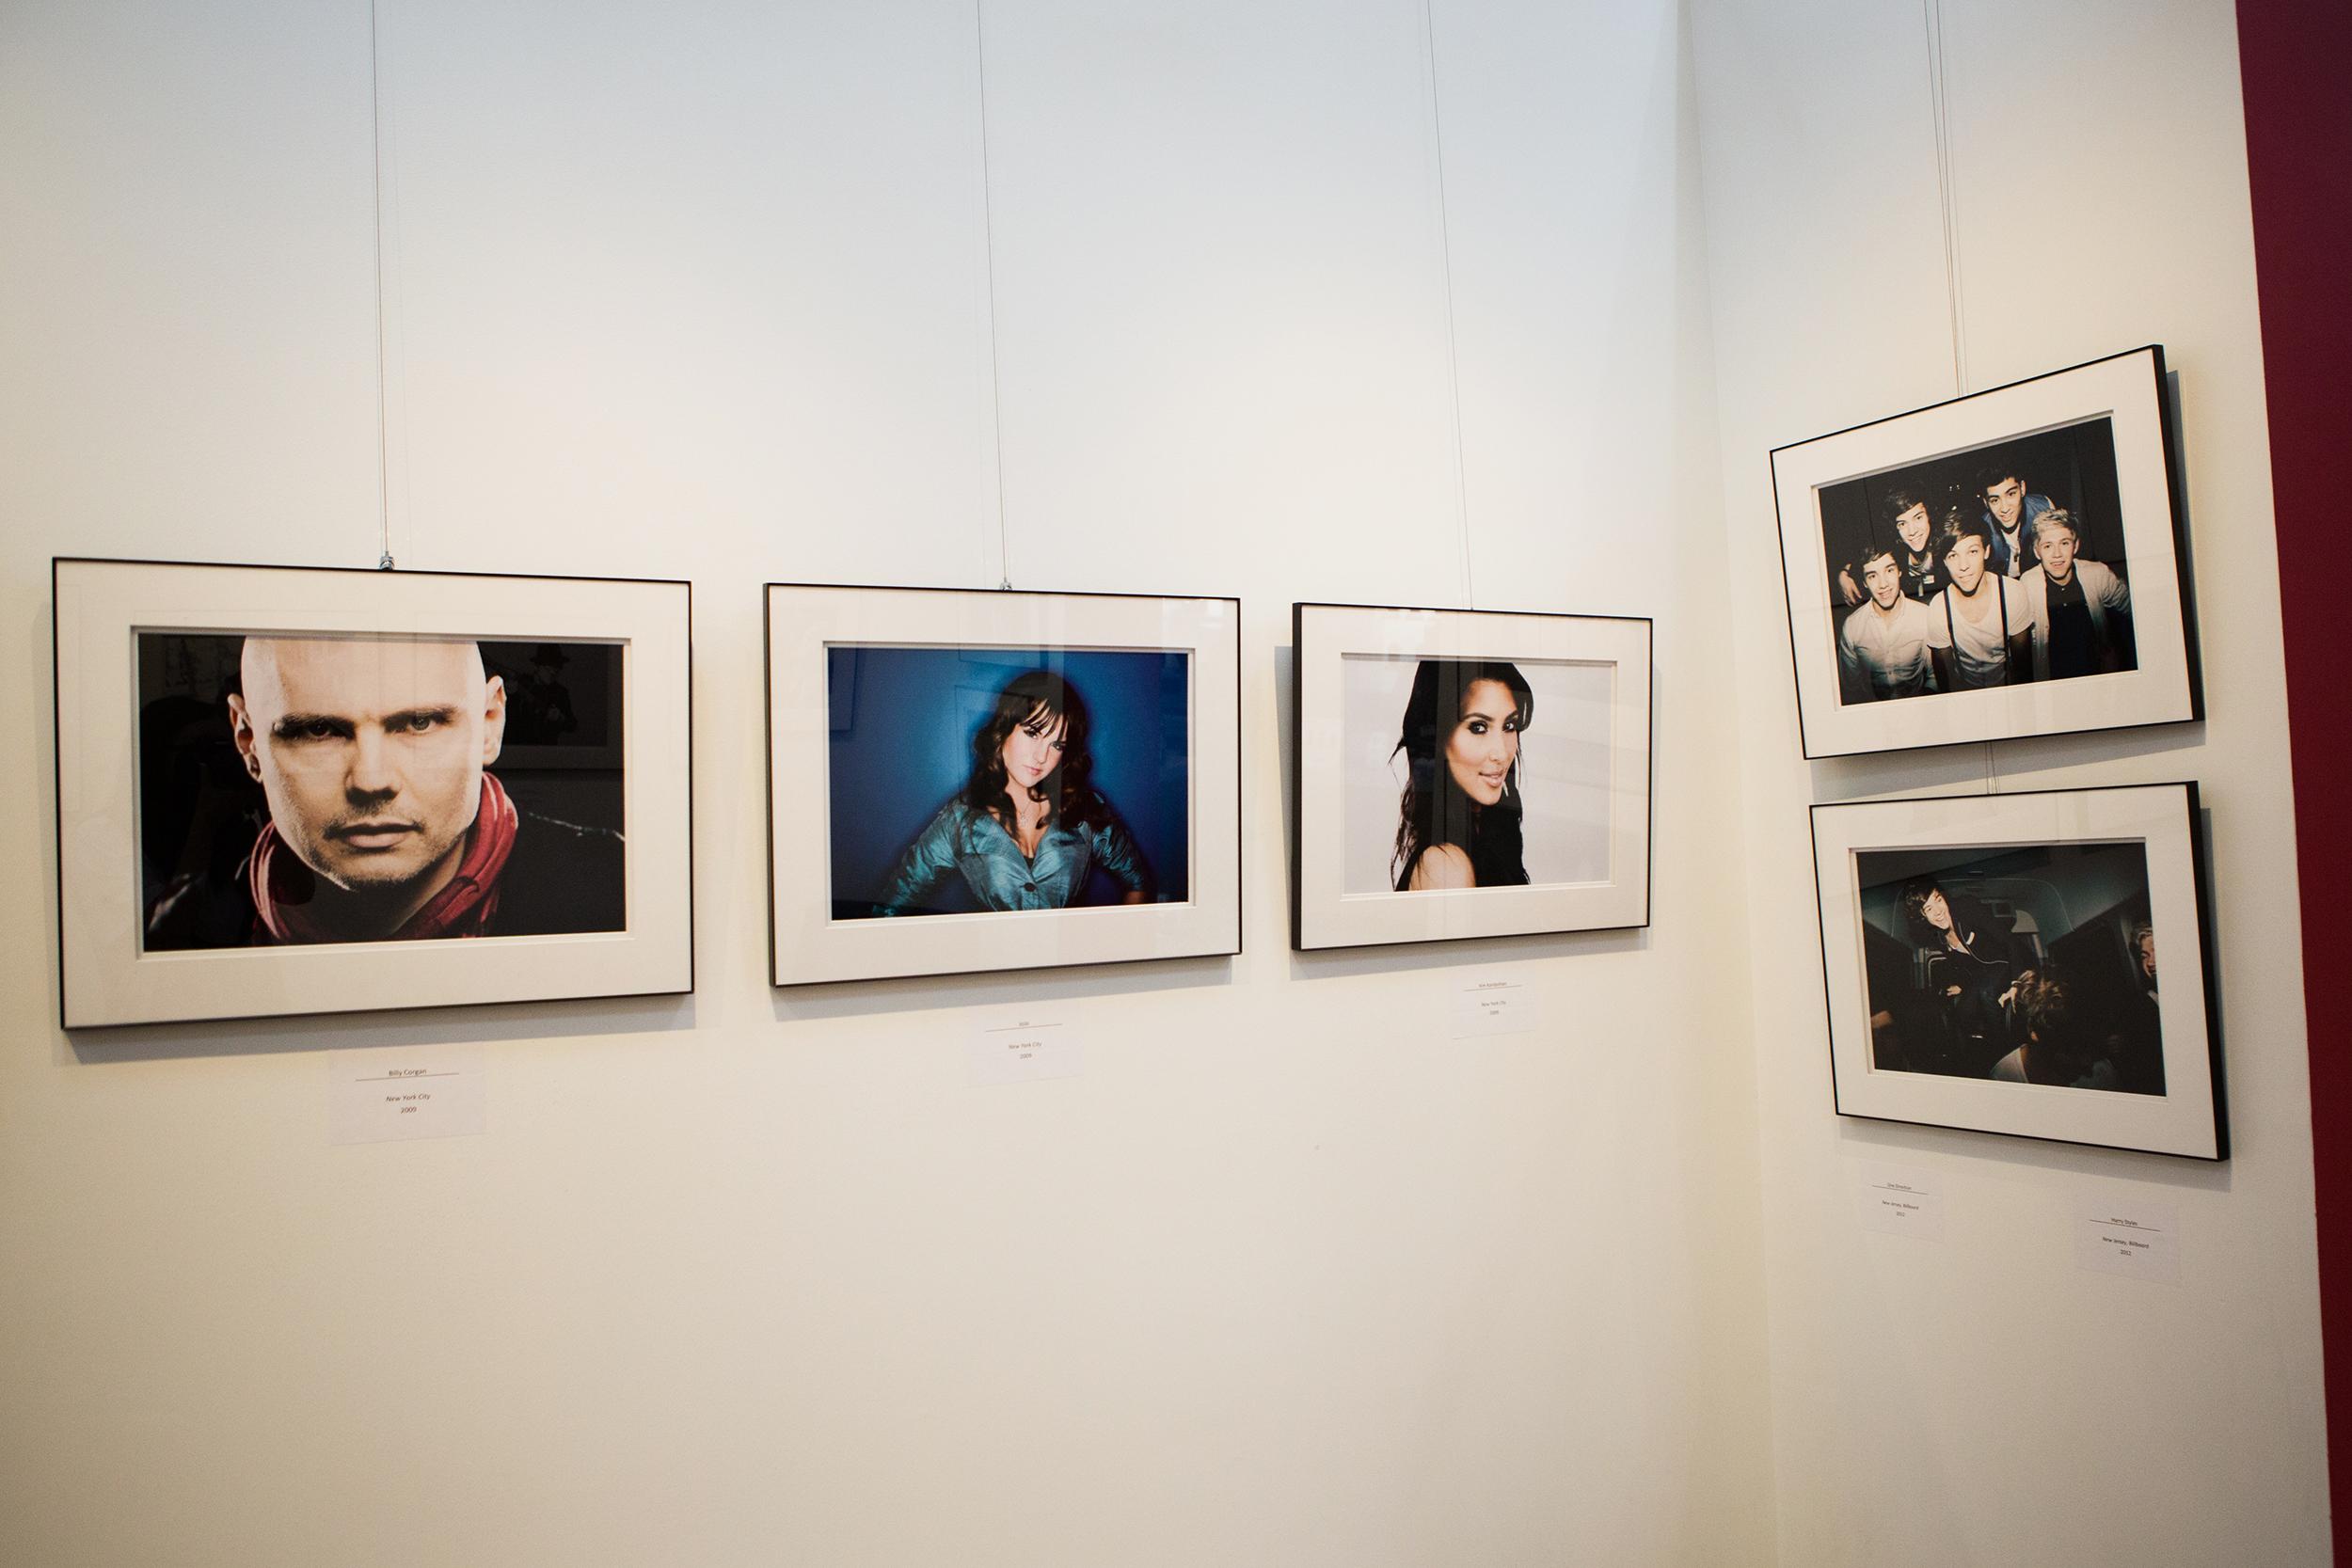 Billy Corgan, JoJo, Kim Kardashian, One Direction, Harry Styles